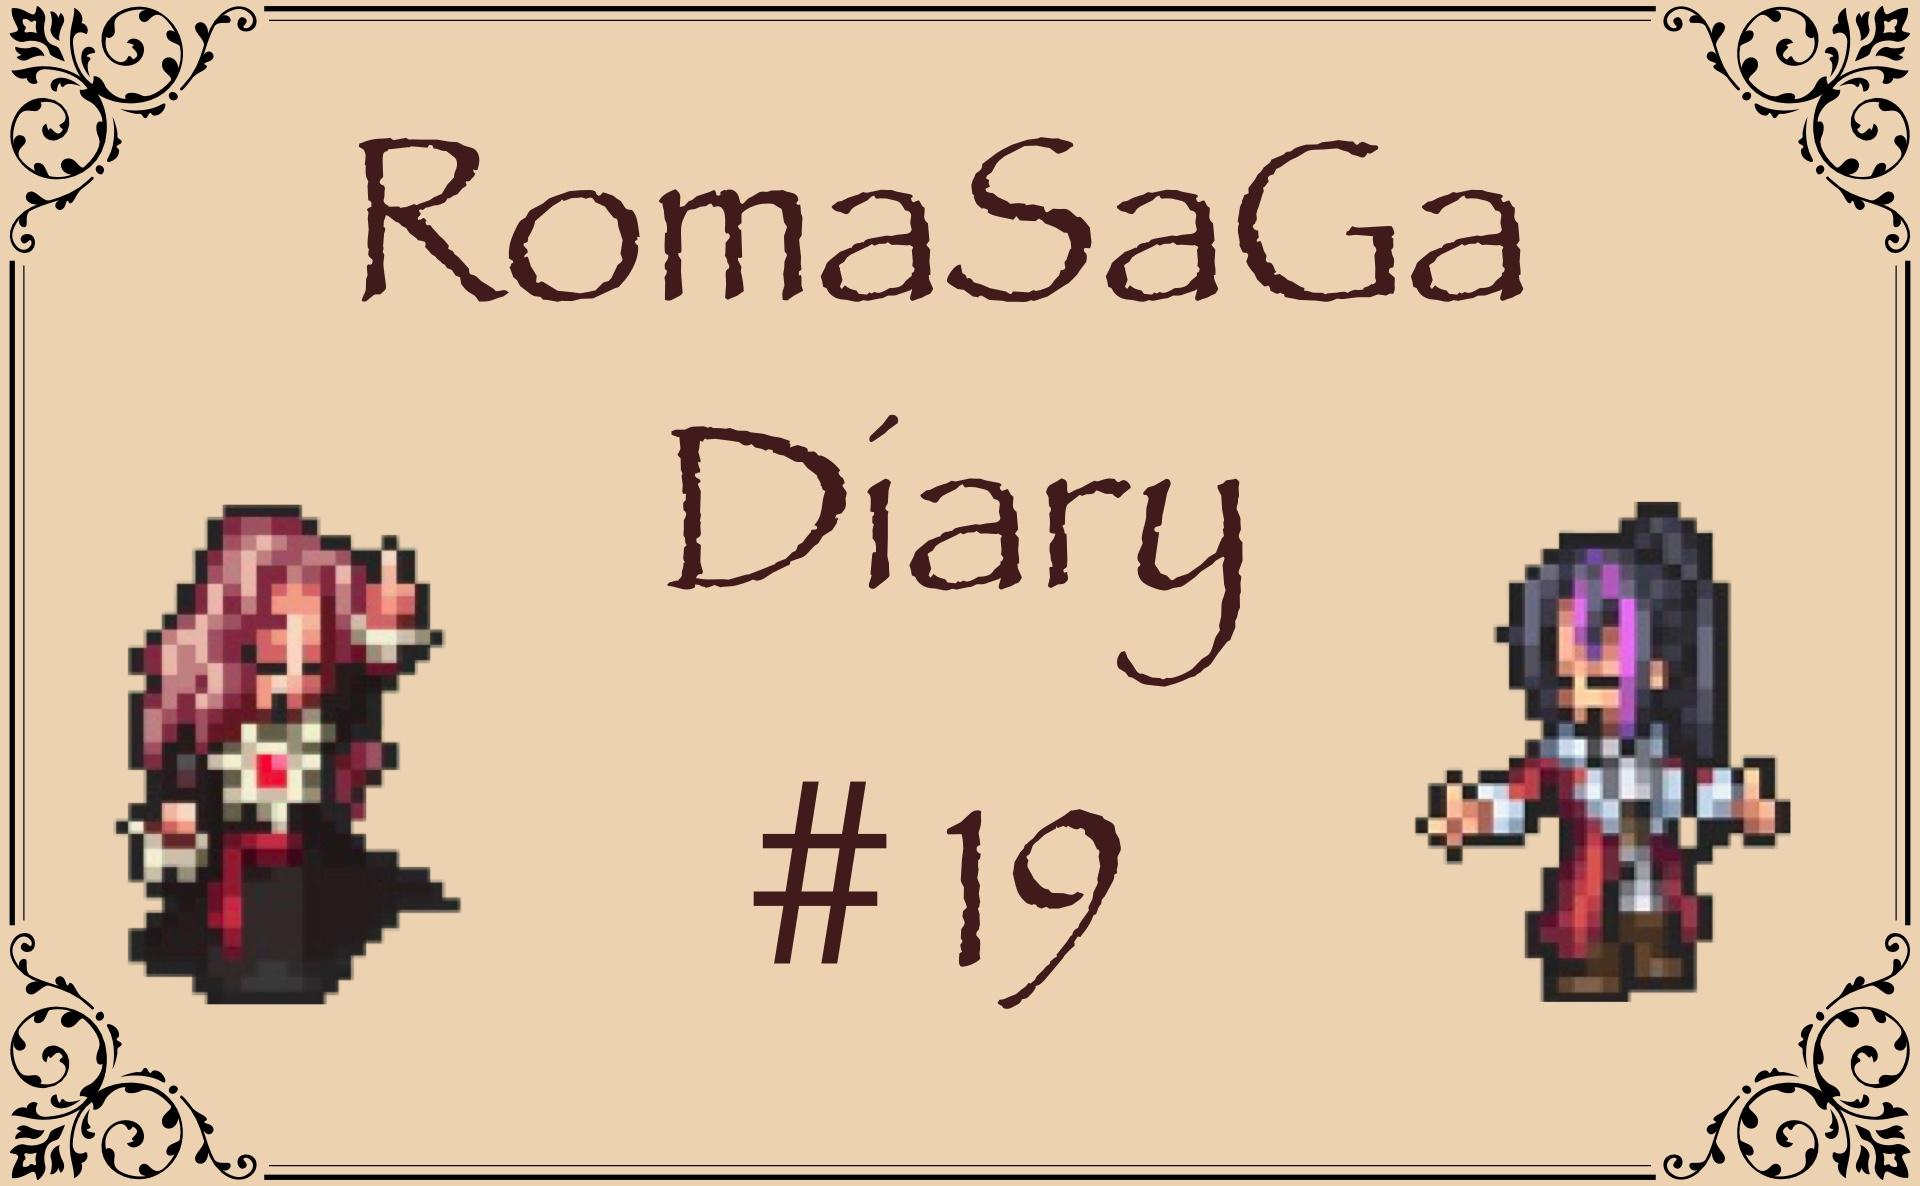 ロマサガDiary#19